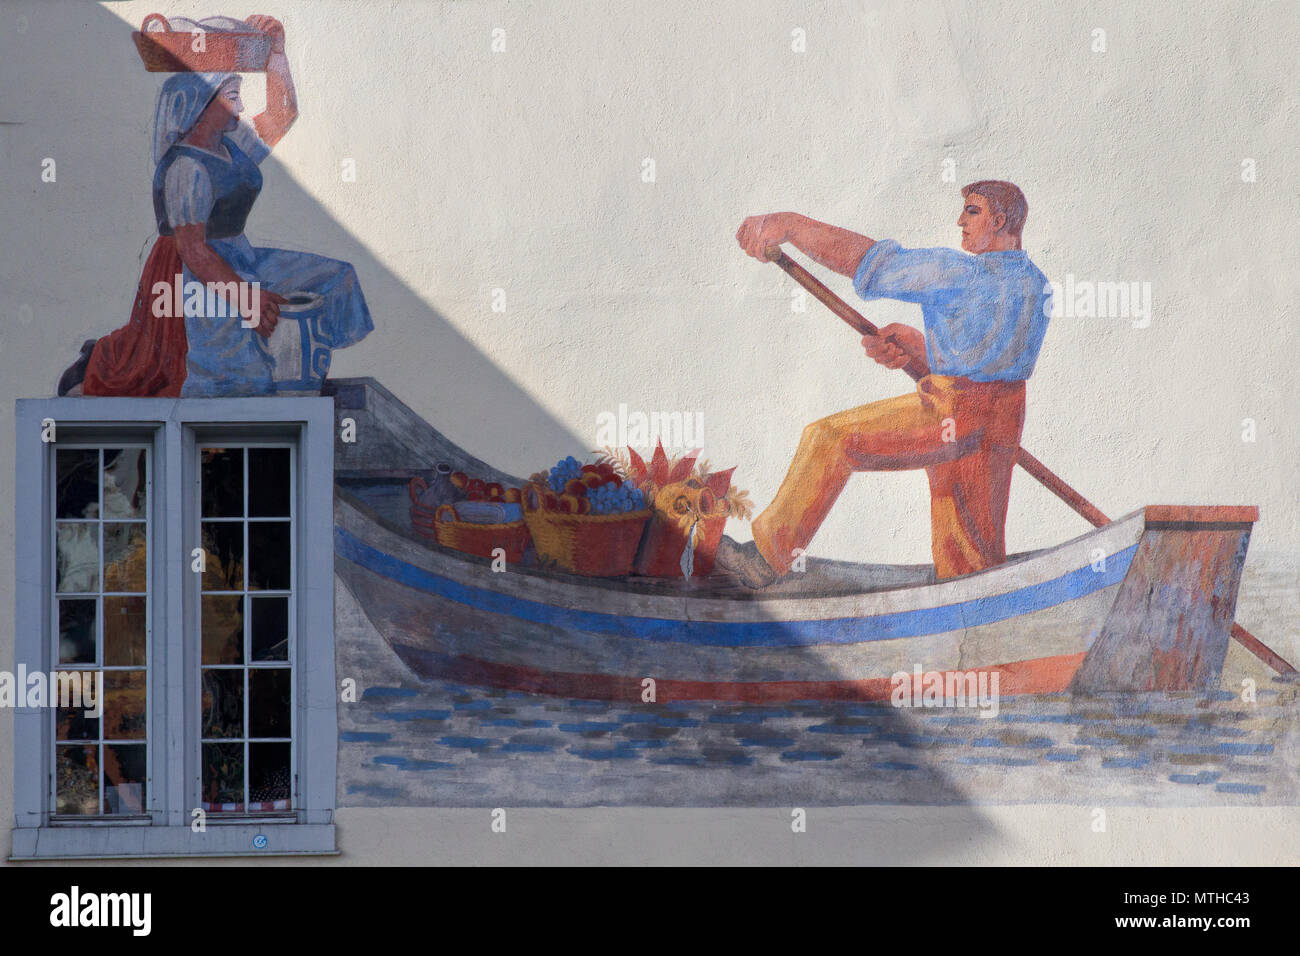 Habitant de Zurich way de la vie dans les temps anciens (fresque sur une maison le long de la rivière Limmet) Photo Stock